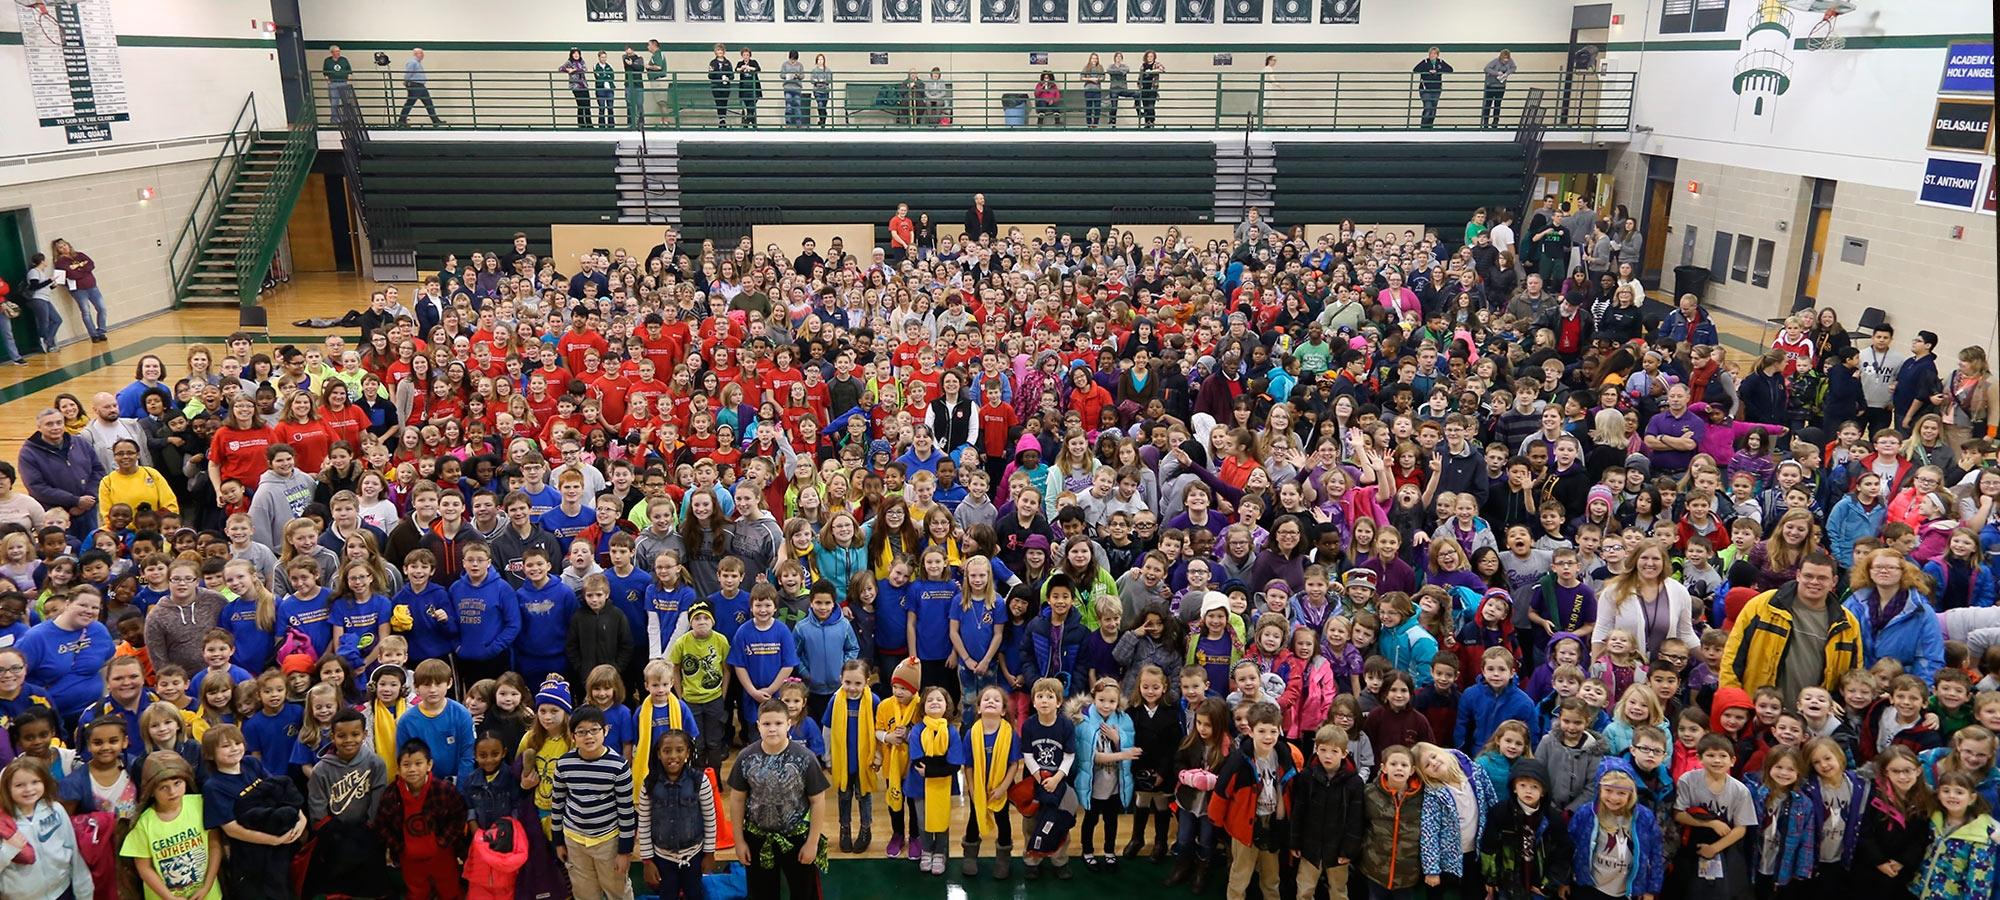 National Lutheran Schools Week